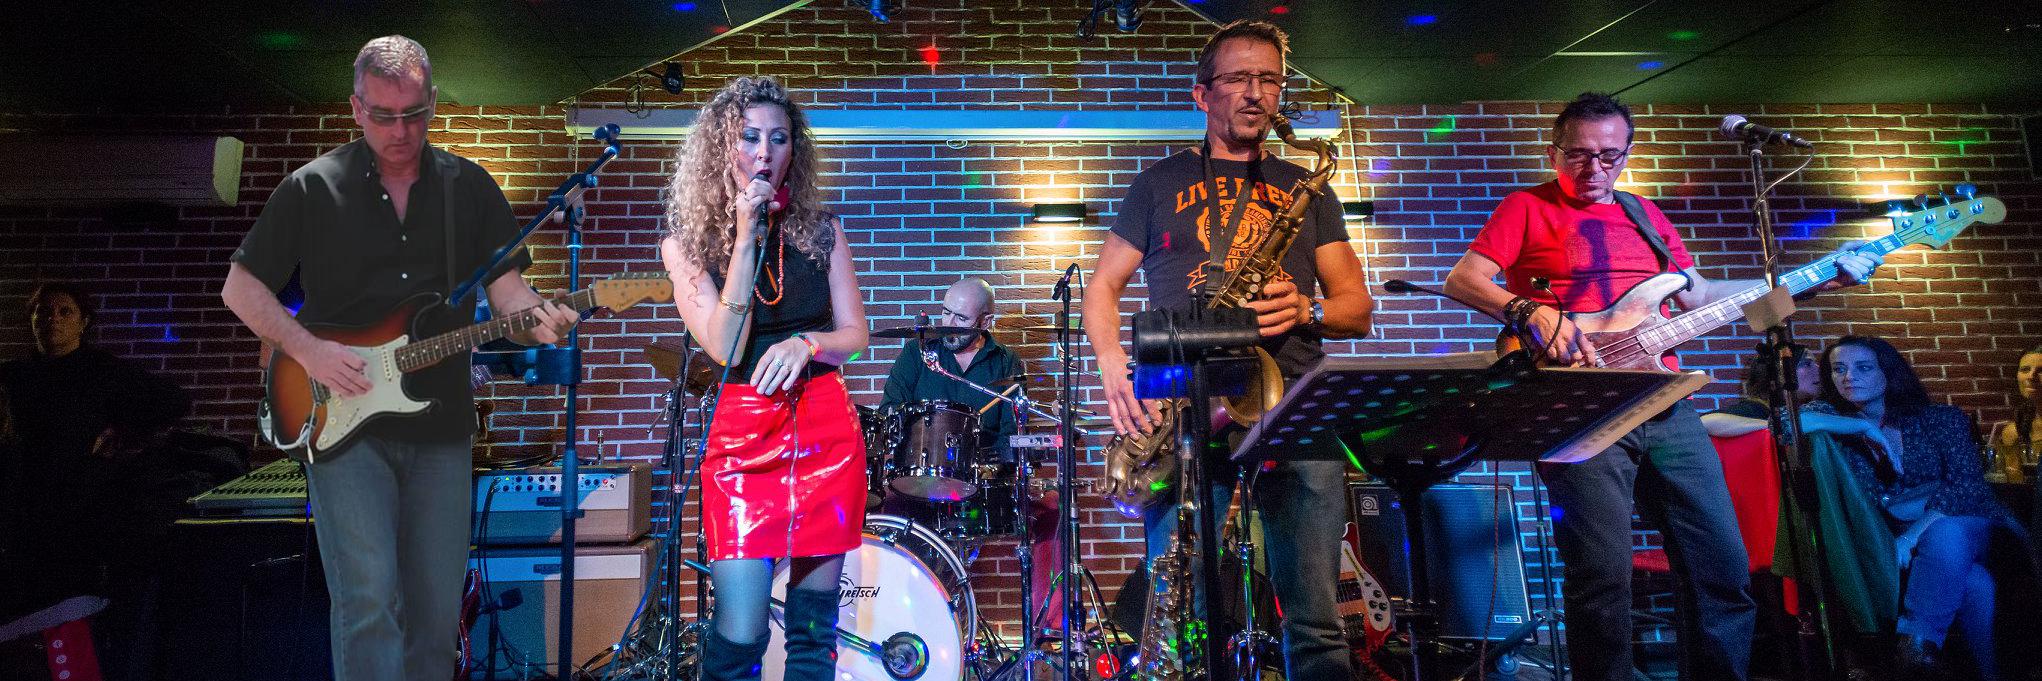 What ElsE, groupe de musique Rock en représentation à Bouches du Rhône - photo de couverture